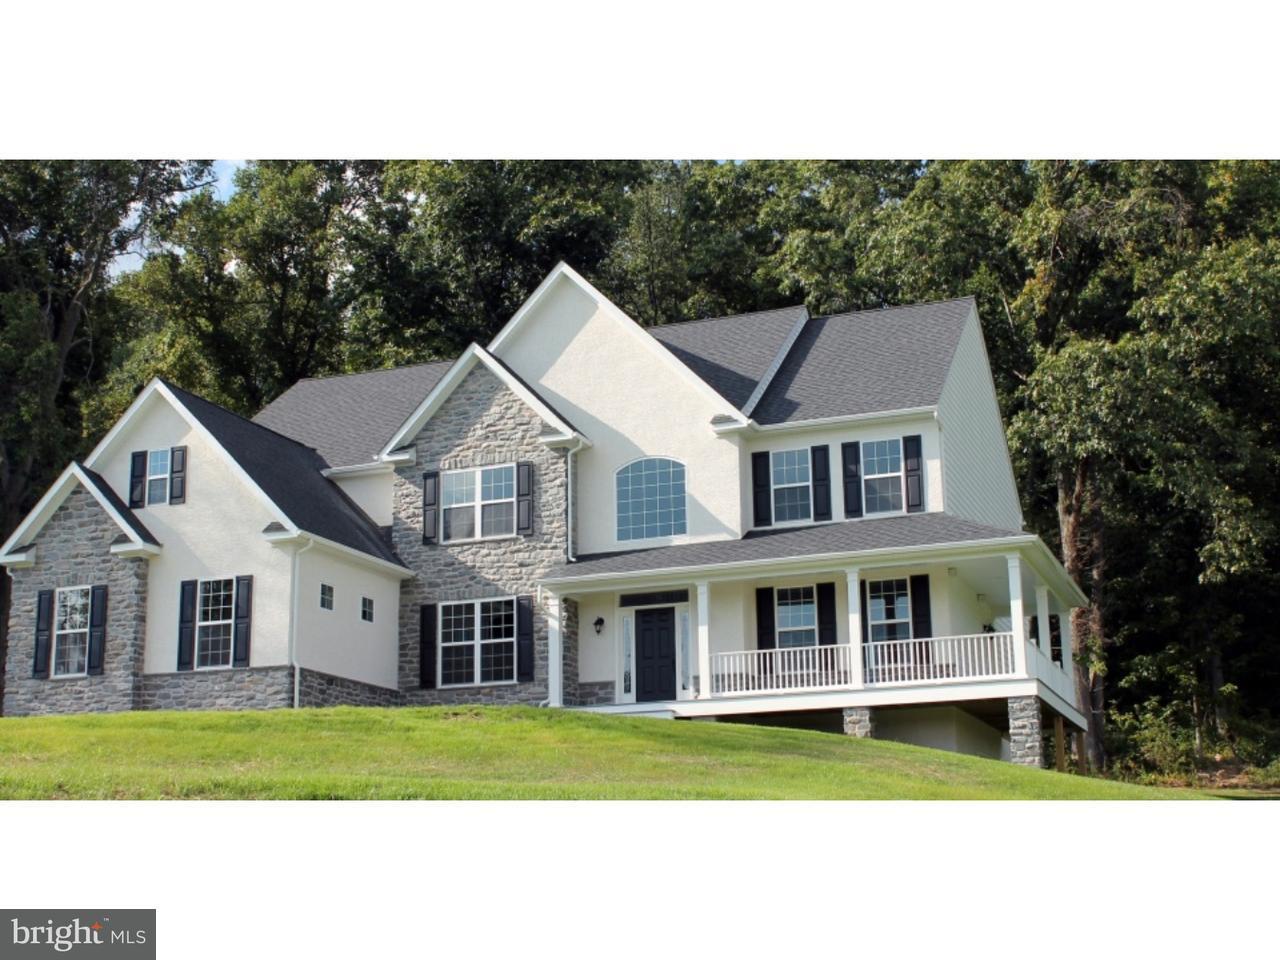 Частный односемейный дом для того Продажа на 11-5-44 EASTON Road Kintnersville, Пенсильвания 18930 Соединенные Штаты